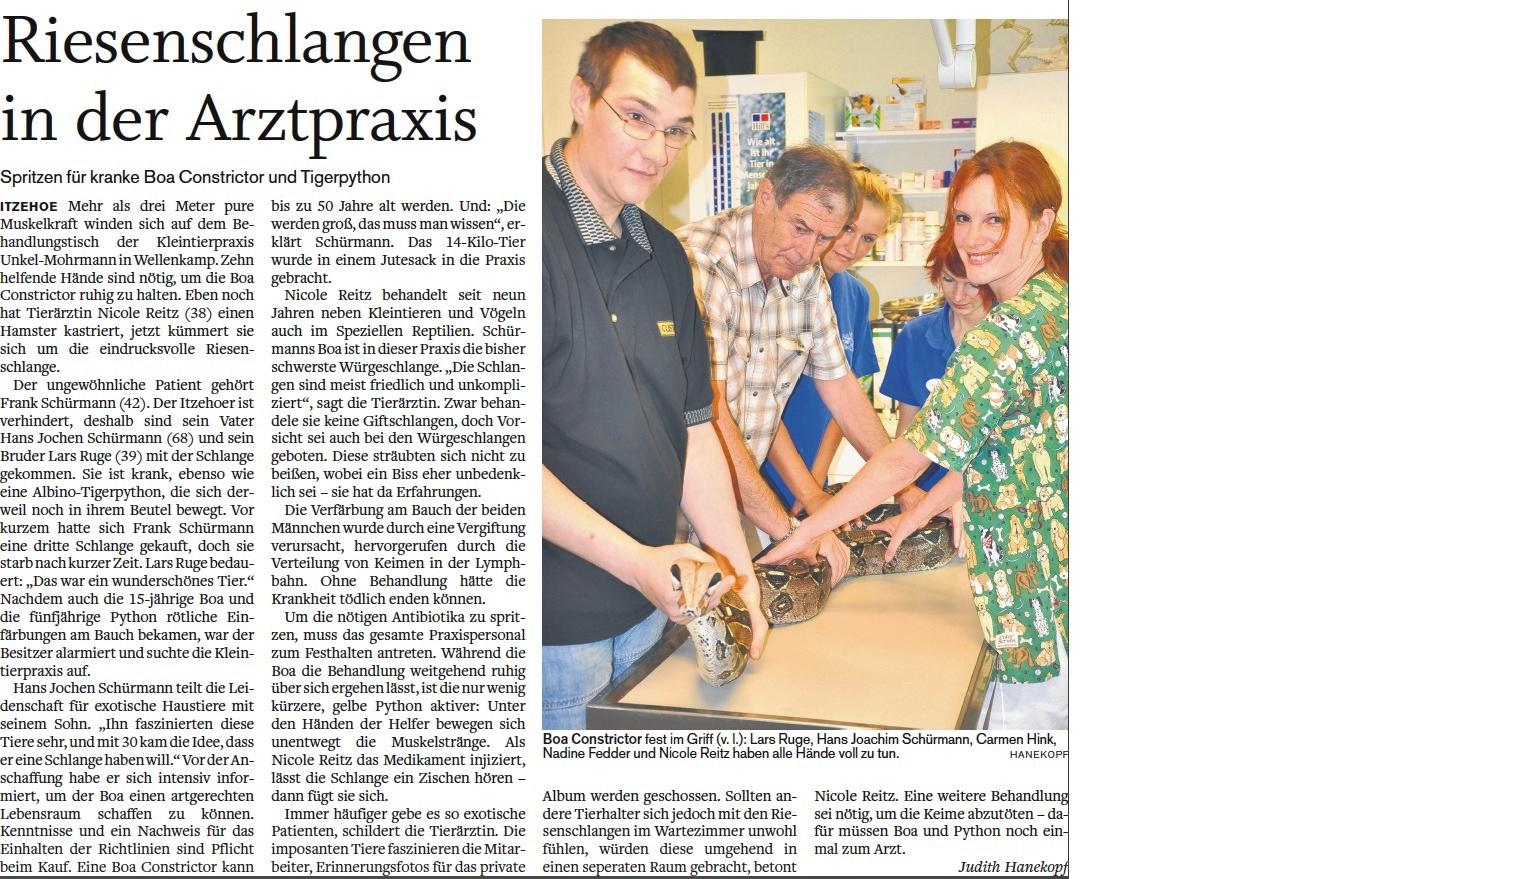 Artikel in der Norddeutsche Rundschau vom 25. Juli 2011